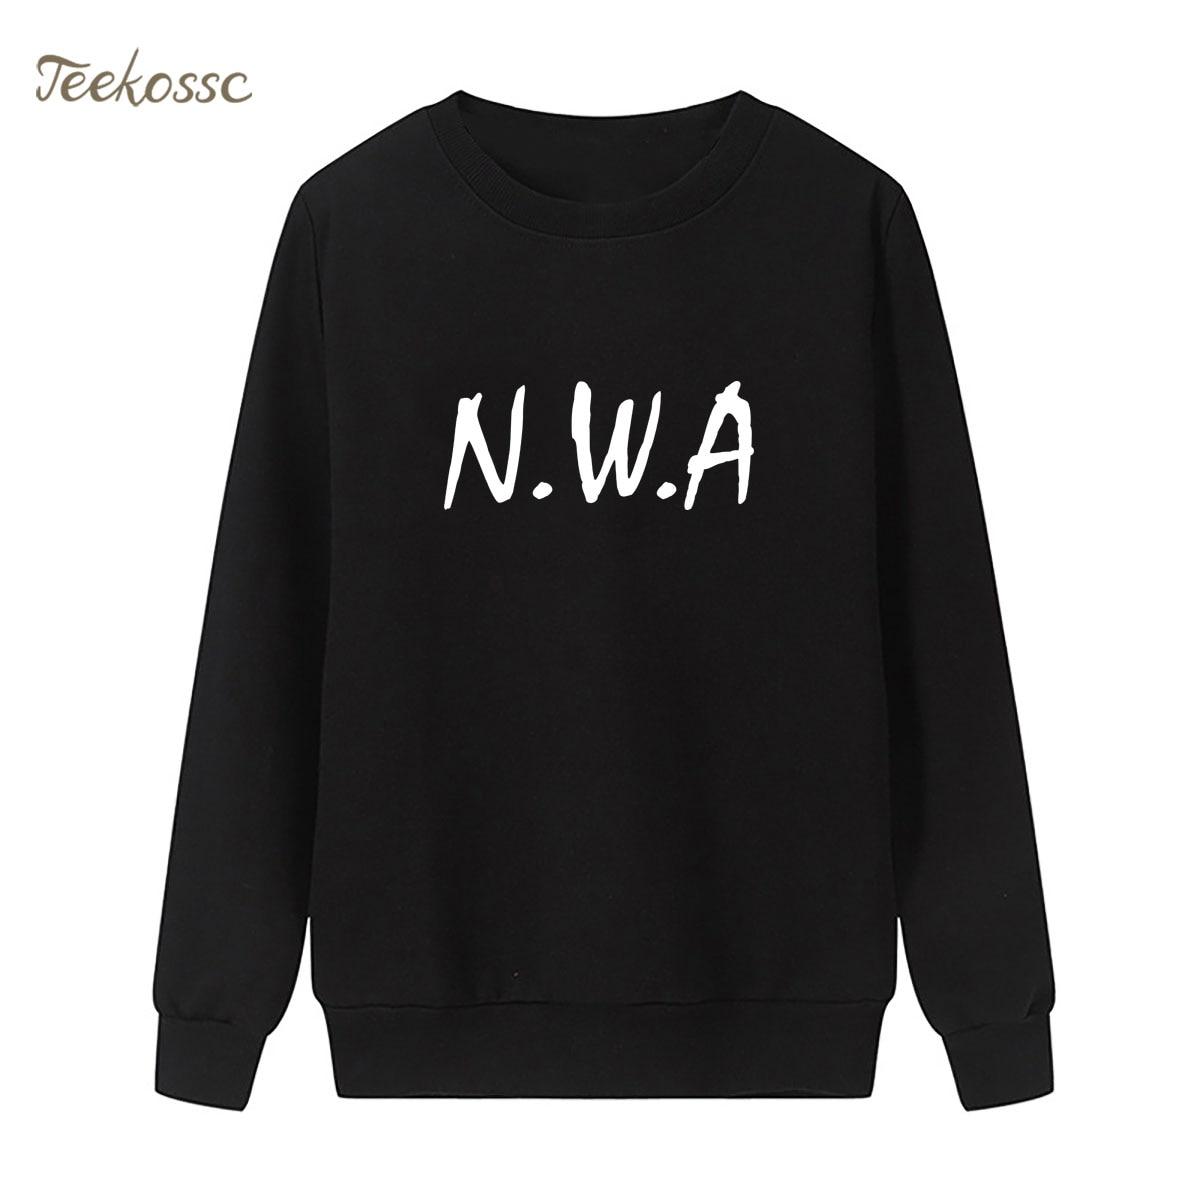 Band Hip Hop Sweatshirt Print Hoodie 2018 Winter Autumn Women Lasdies Pullover Loose Fleece Streetwear Punk Rock Kpop Sportswear